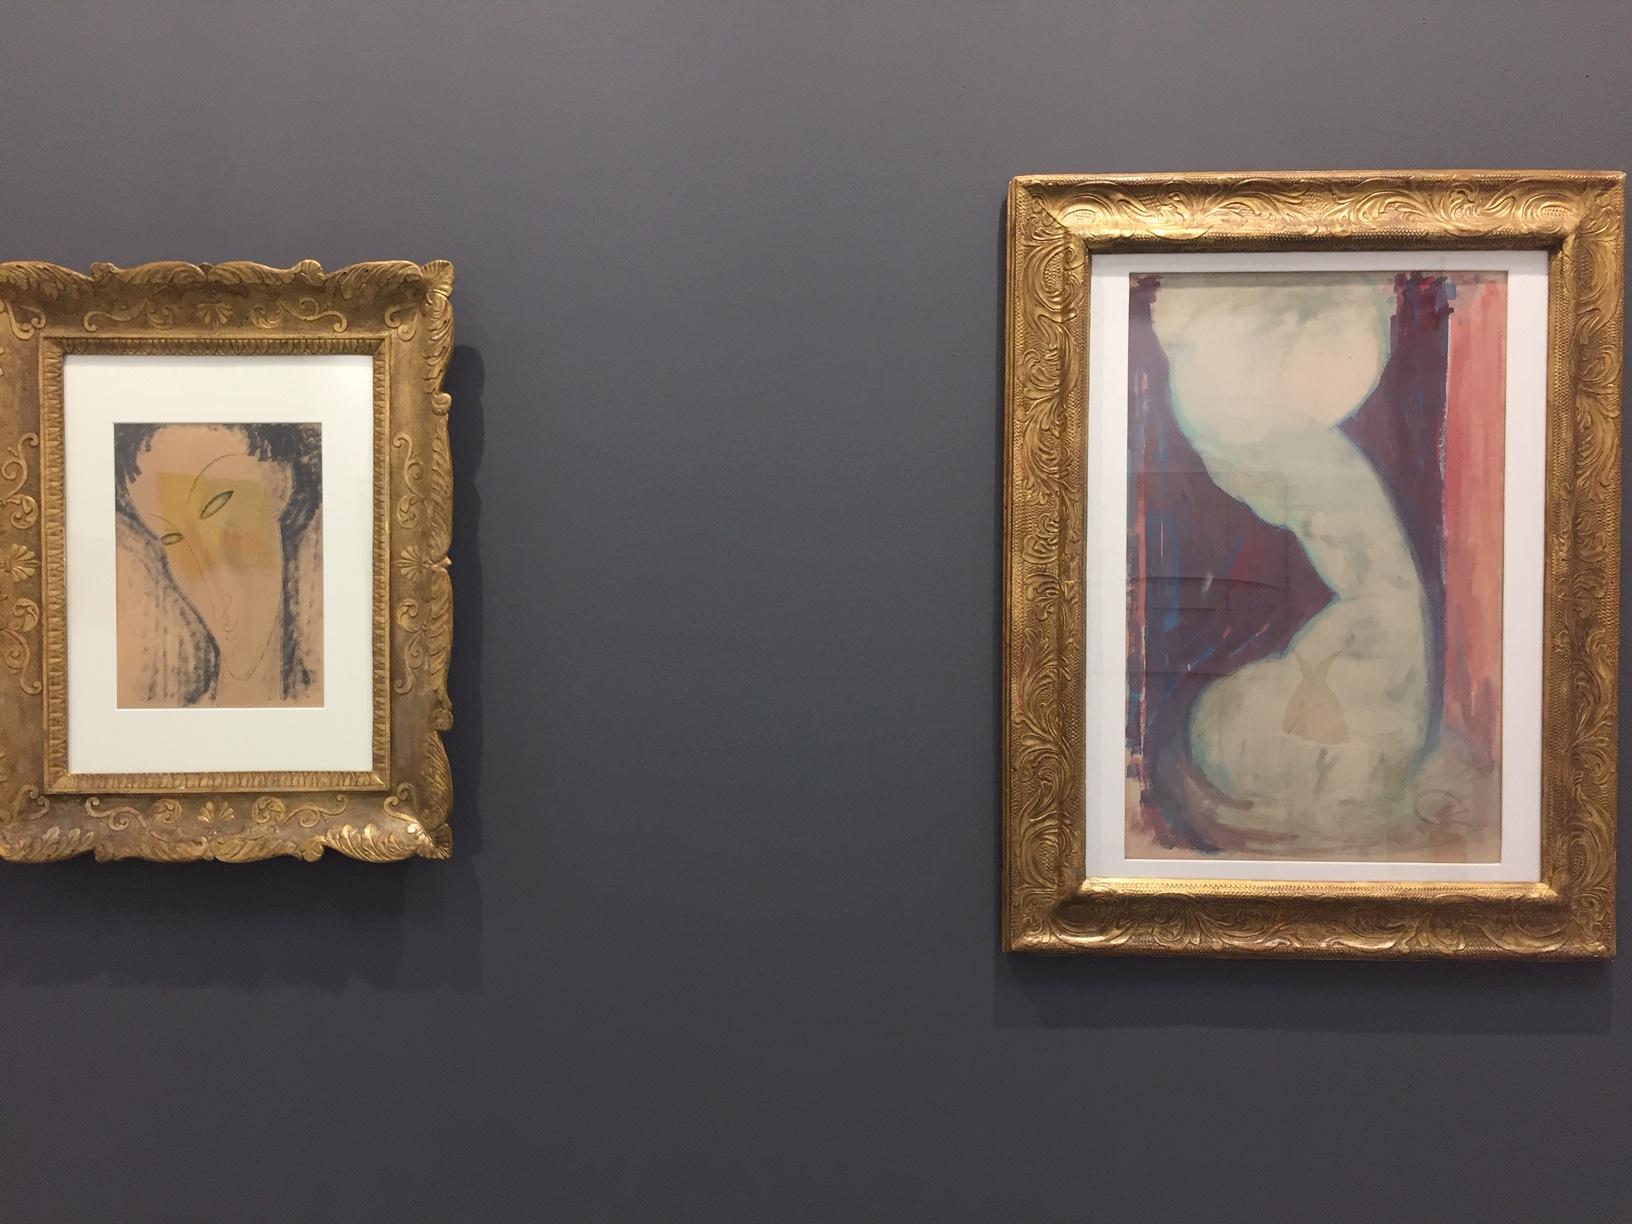 Amedeo Modigliani, Galleria Russo, Arte Fiera Bologna 2019